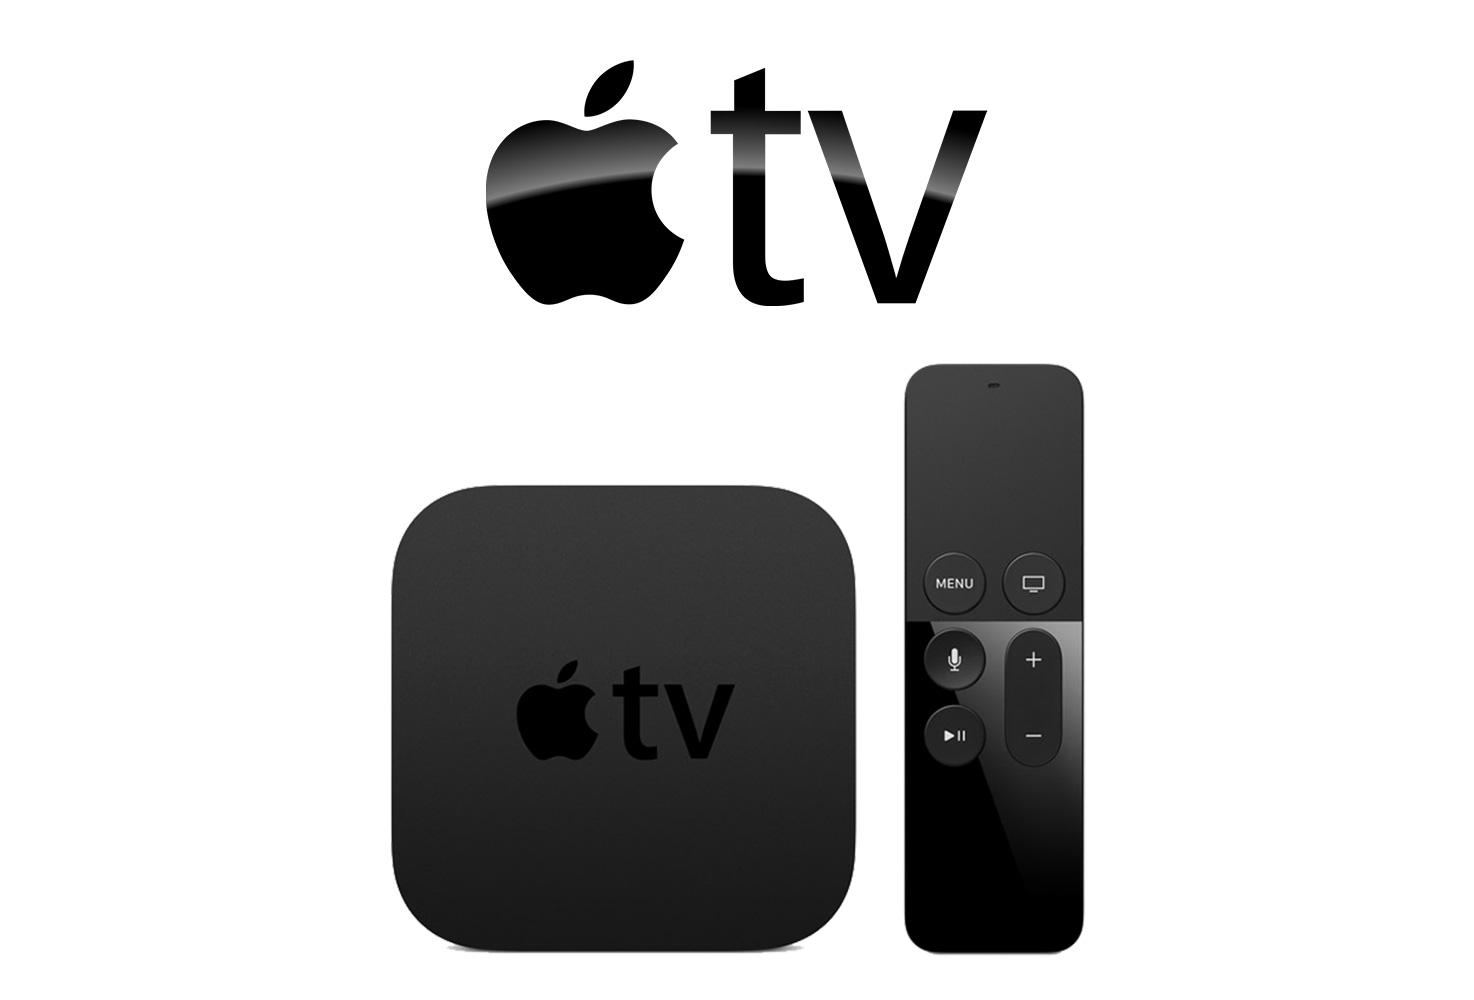 الجيل الخامس من جهاز  Apple TV  قادم هذا العام مع دعم محتوى 4K   تكنو - صحيفة الوسط البحرينية - مملكة البحرين